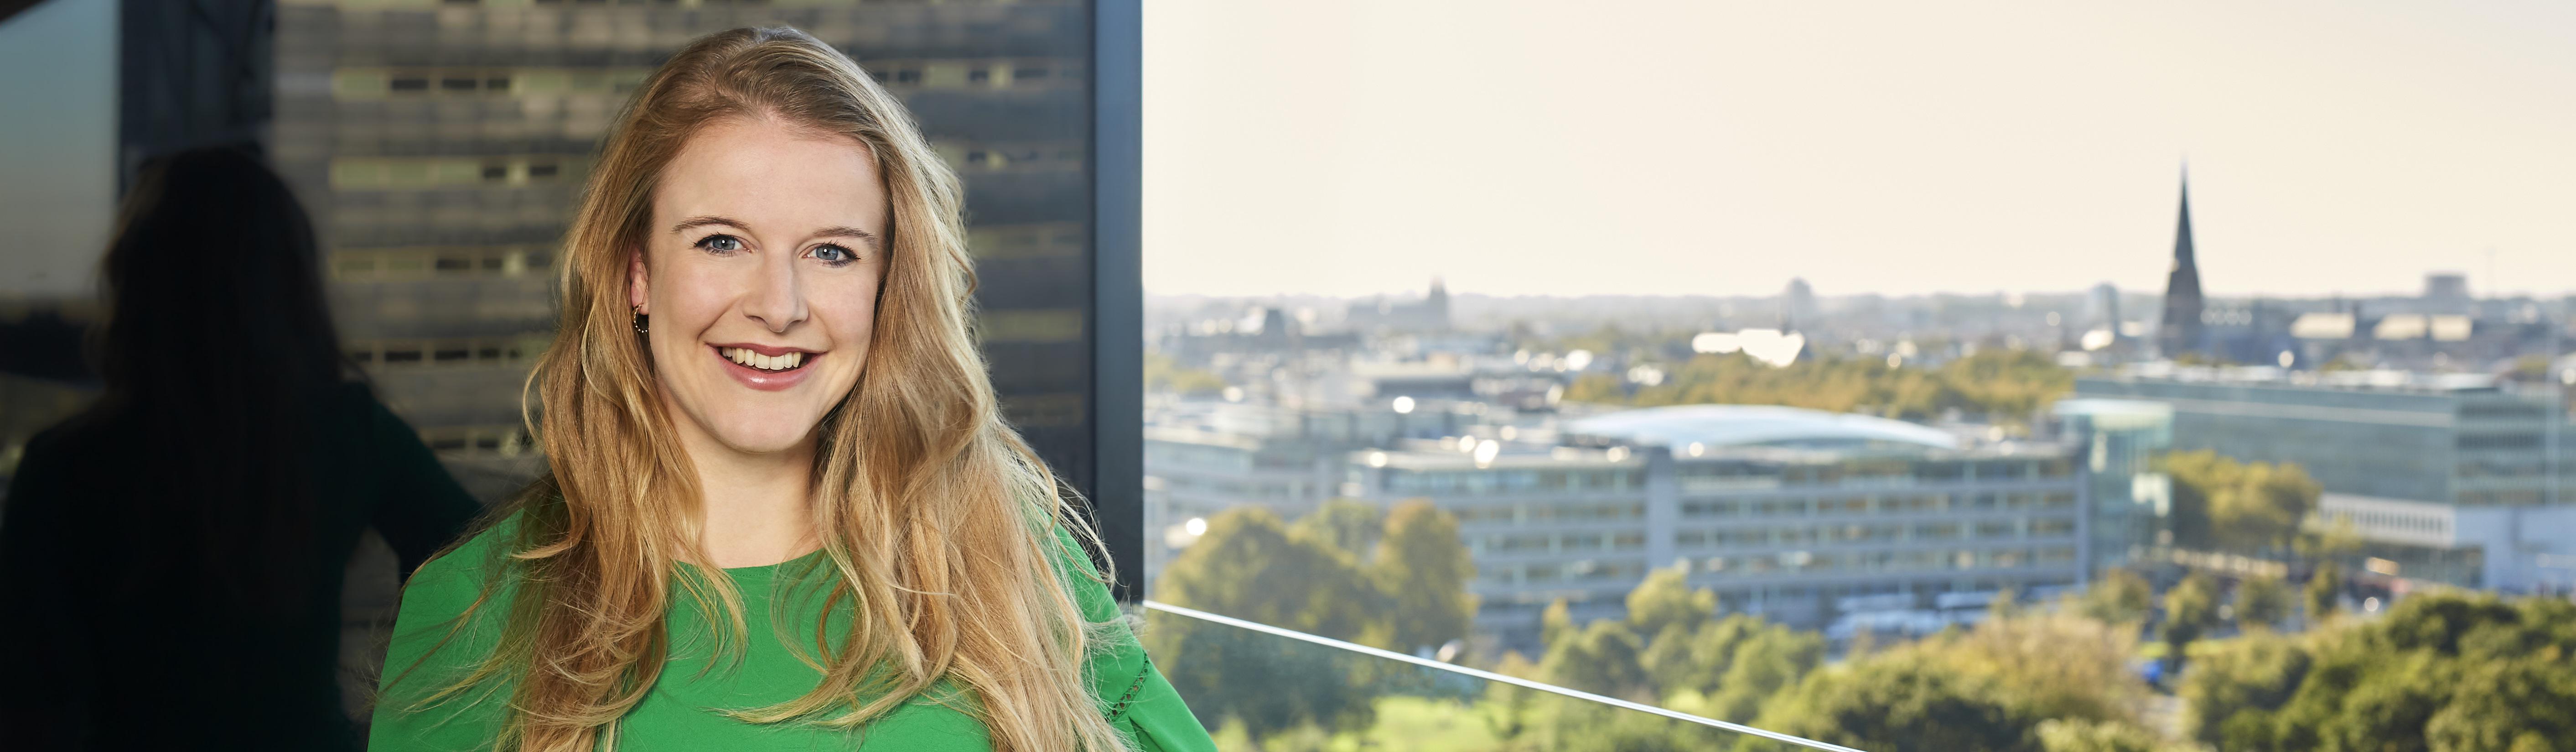 Laura van der Meulen, advocaat Pels Rijcken